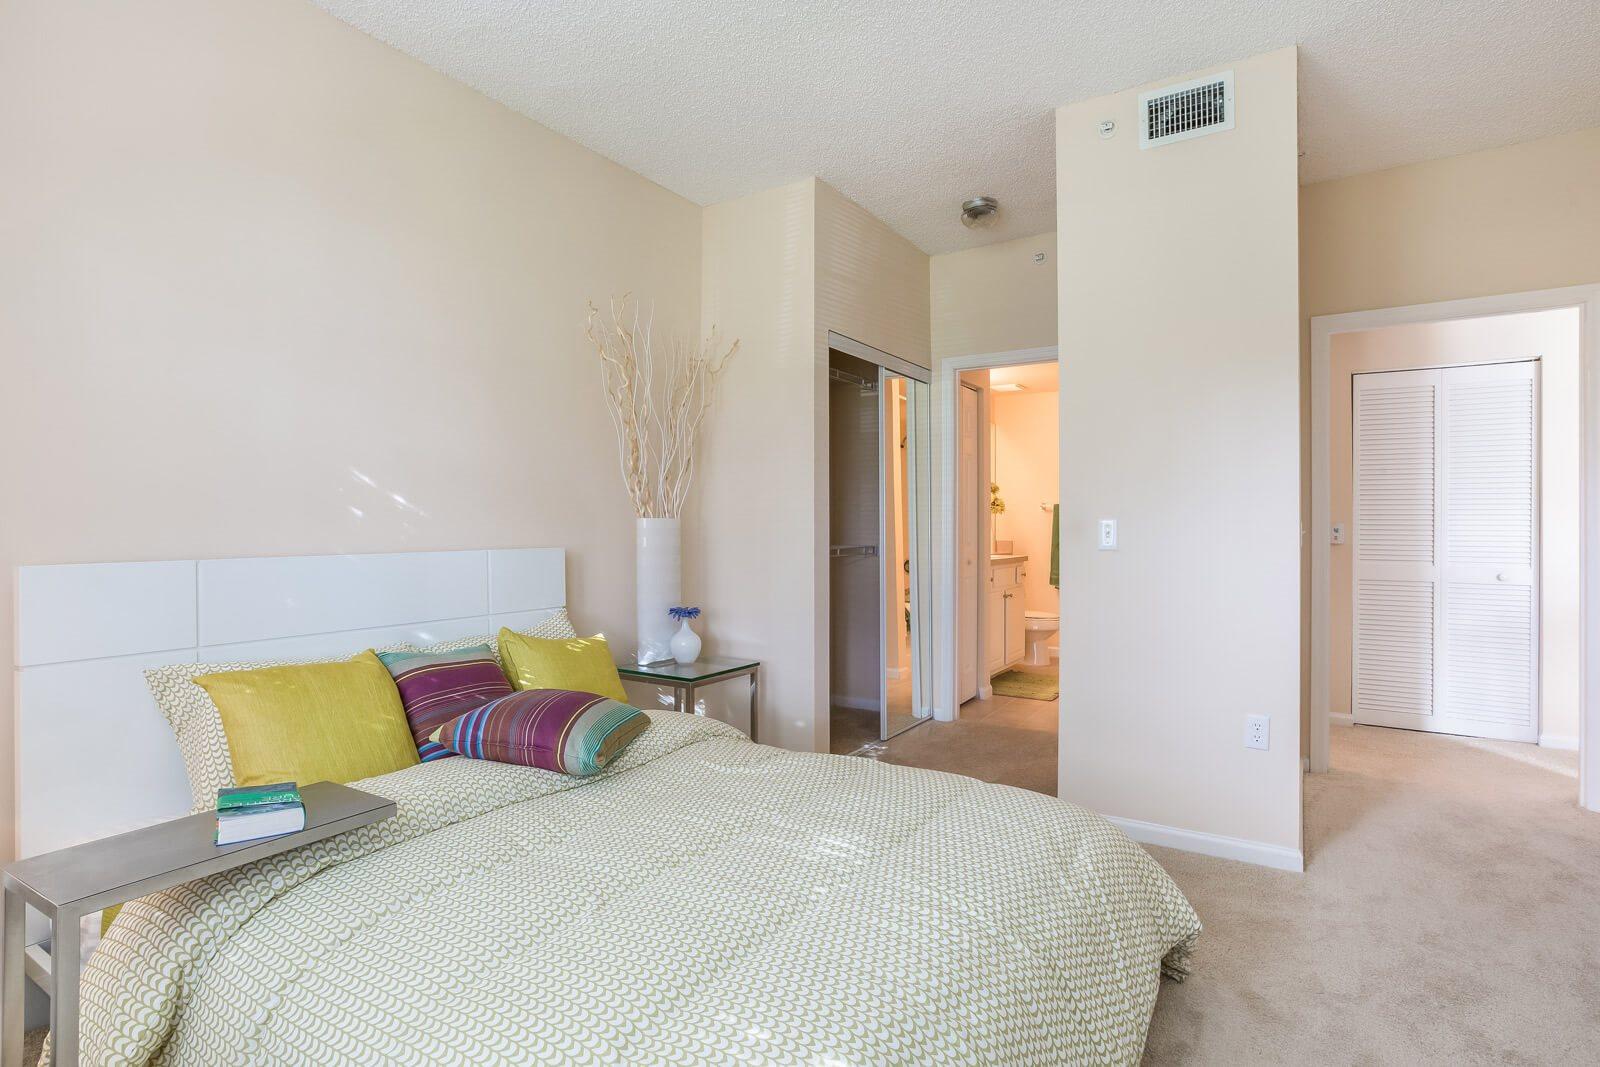 Cozy Bedrooms with Abundant Natural Light at Windsor at Miramar, Miramar, 33027